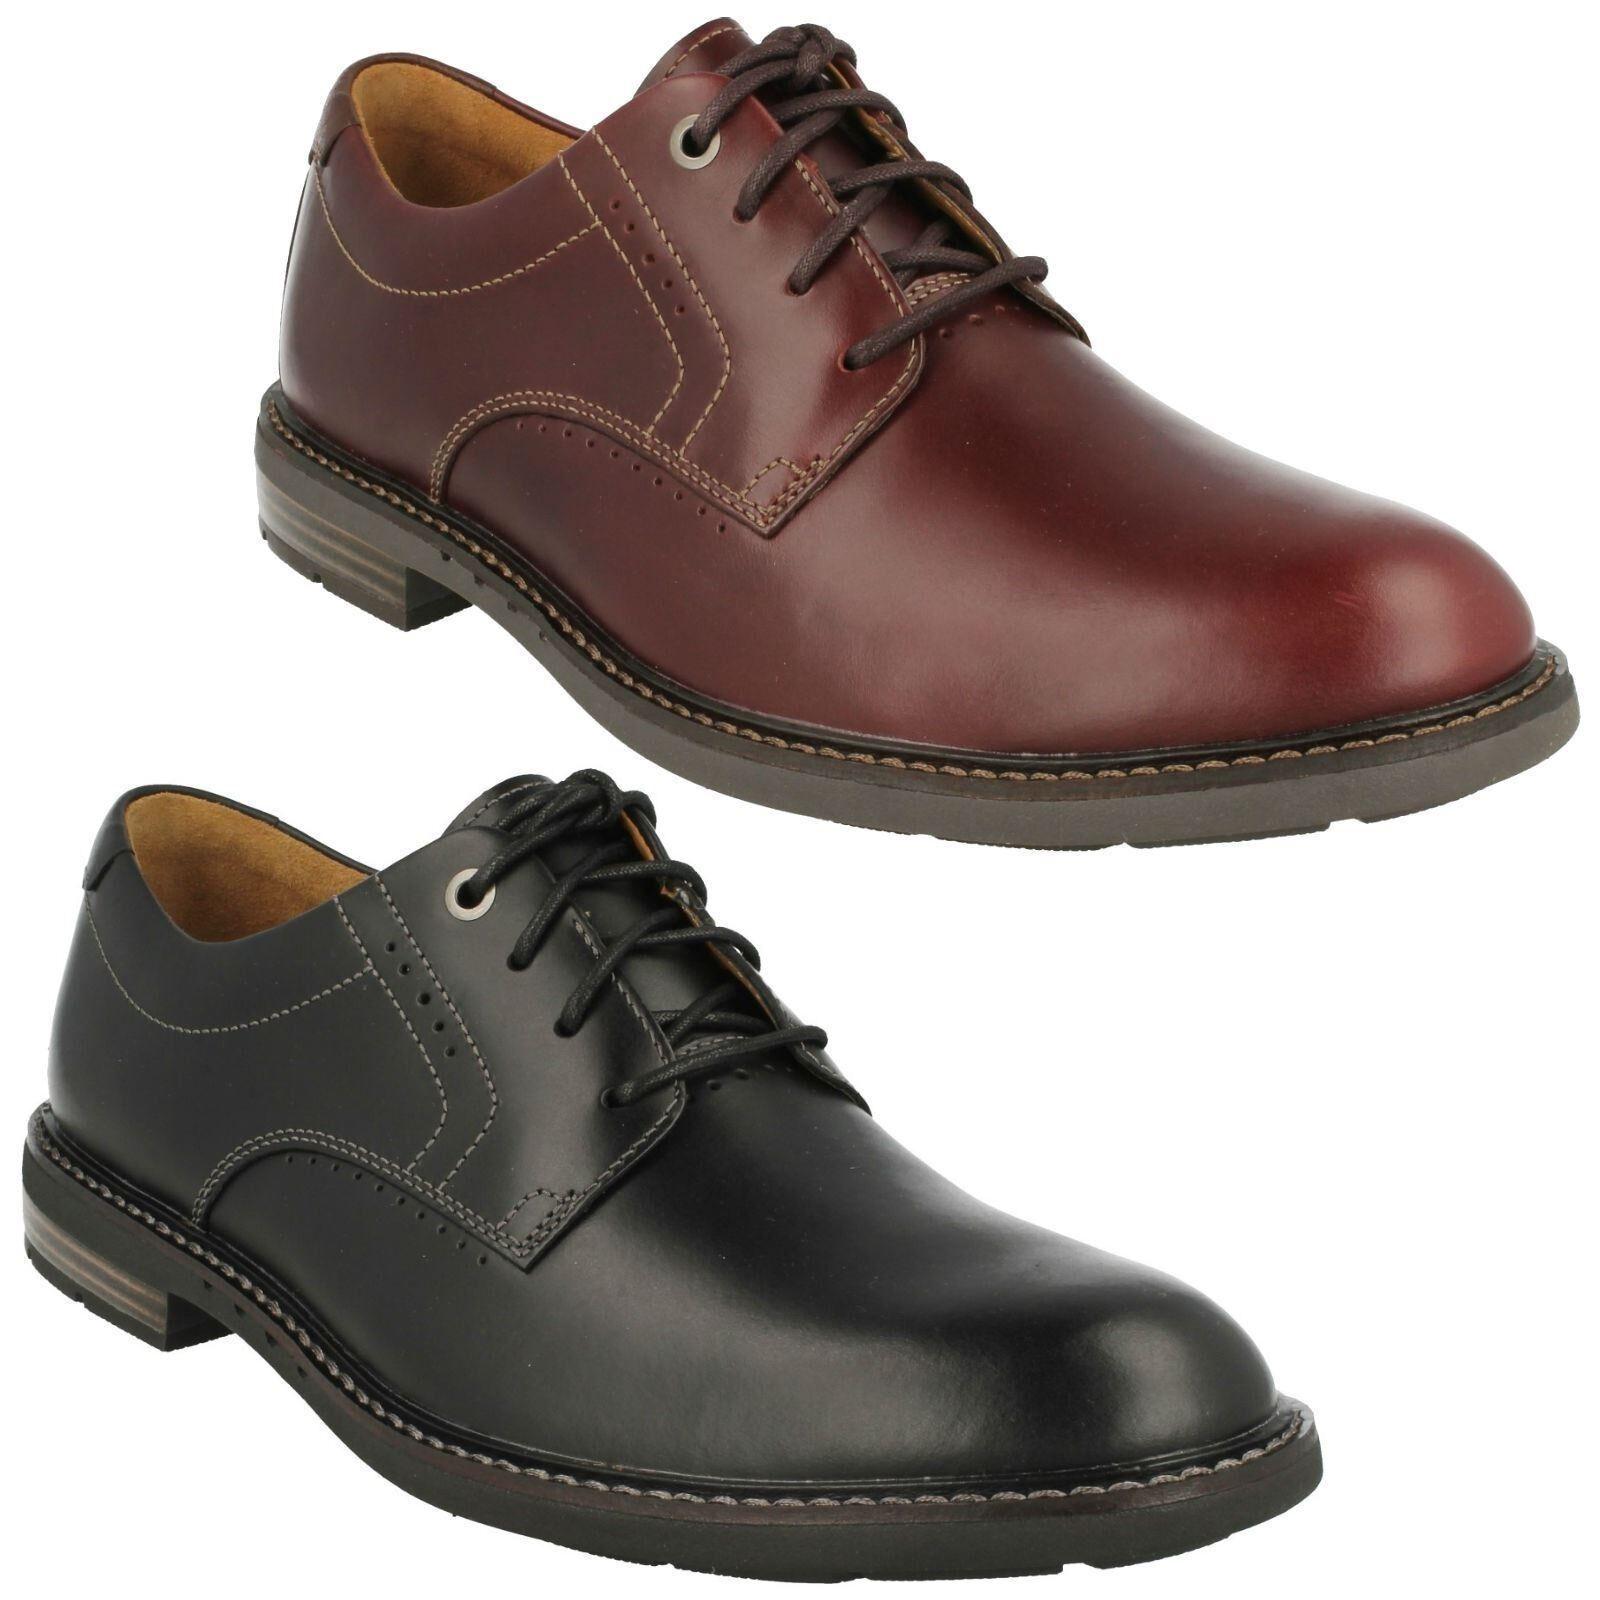 Unelott Tinta Pelle Unita Da Uomo Clarks Pelle Tinta Stringati lavoro formale partito scarpe non strutturati 079a56